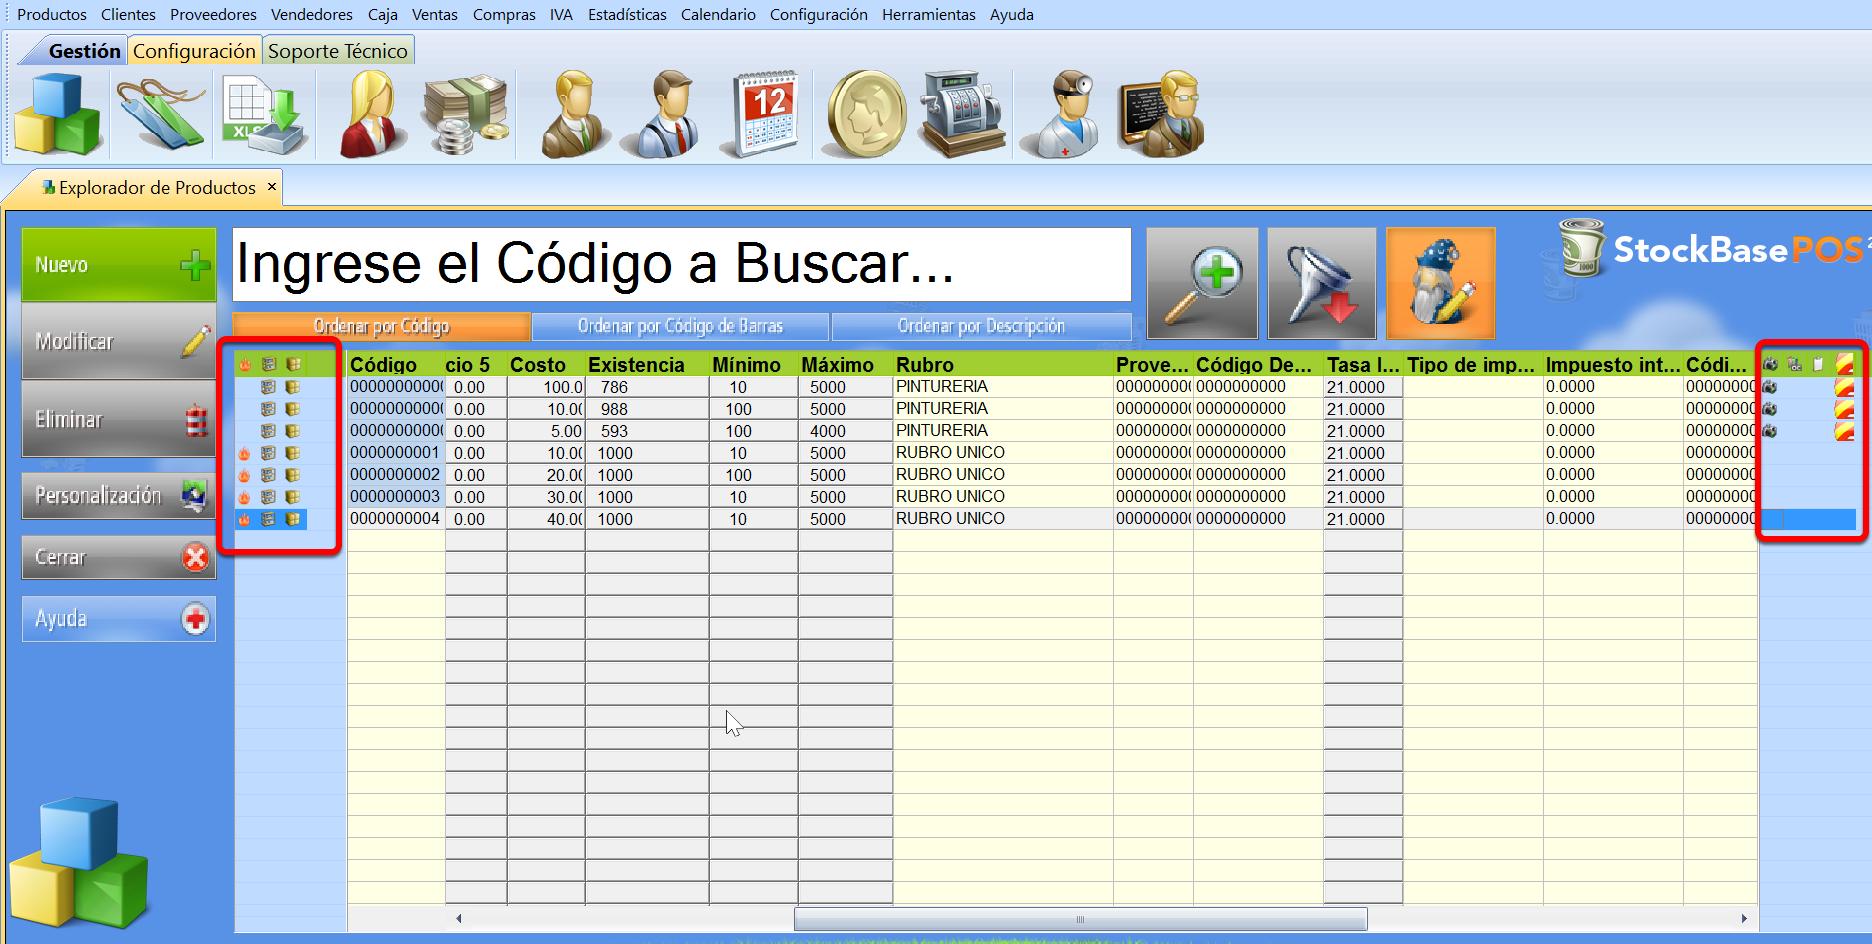 鈥岻conos en los Exploradores de registros permiten lectura o acceso a datos de los registros del software de gestion